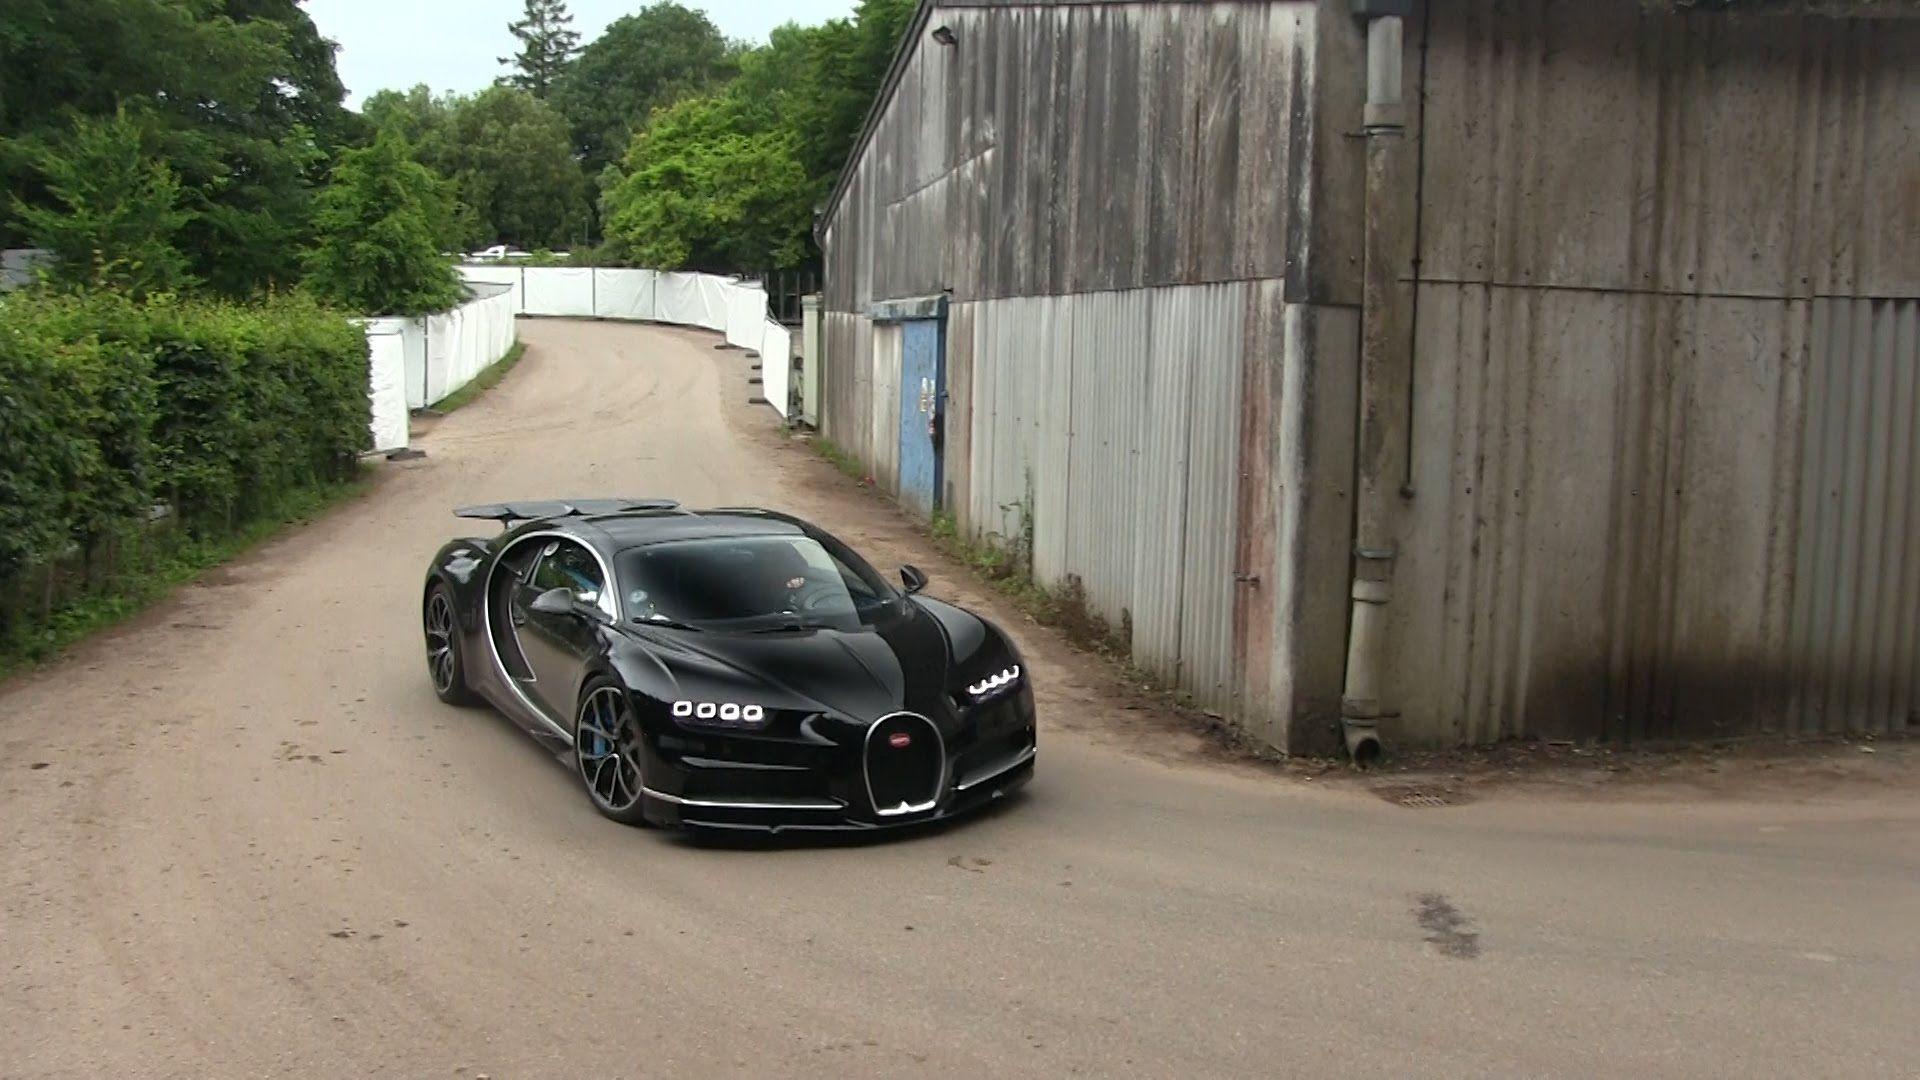 Pin by Nothing on STRADMAN CARS Bugatti chiron, Bugatti